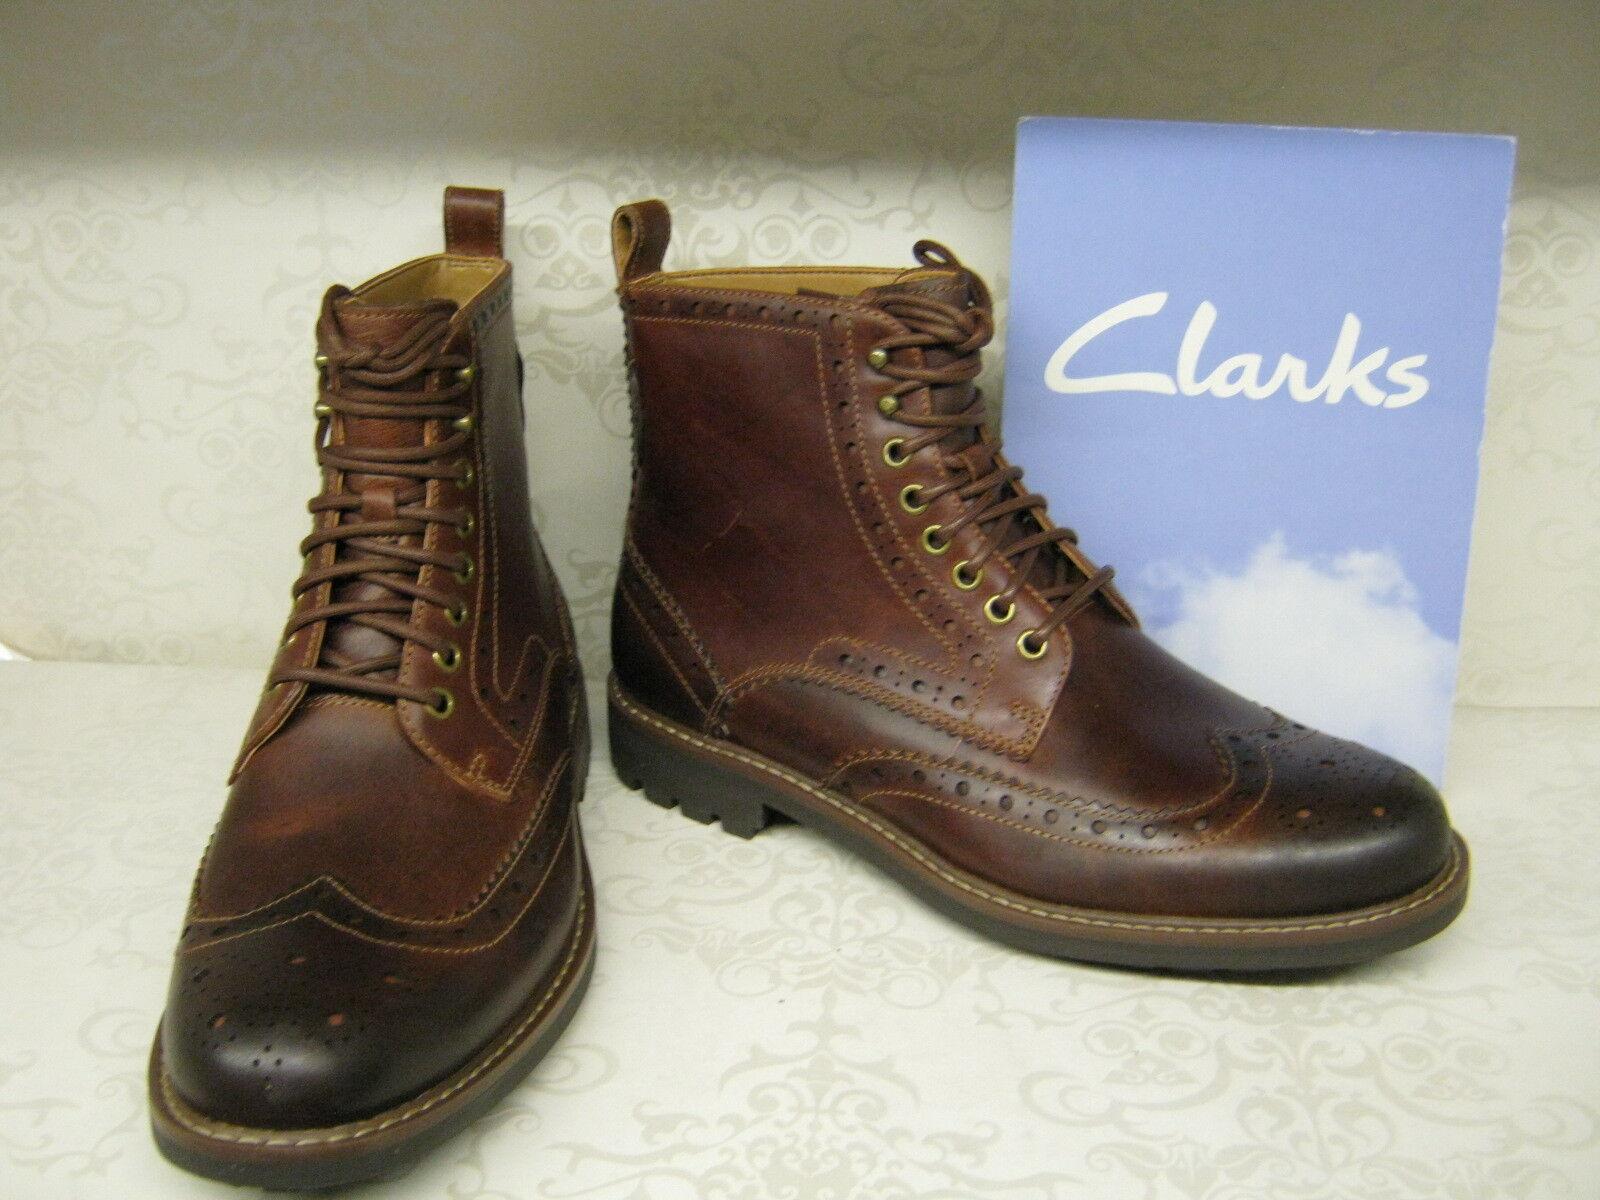 Montacute Lord ** Marrón warmlined Lea Reino Unido 7,8,9,10,11 G Clarks Originals Hombre